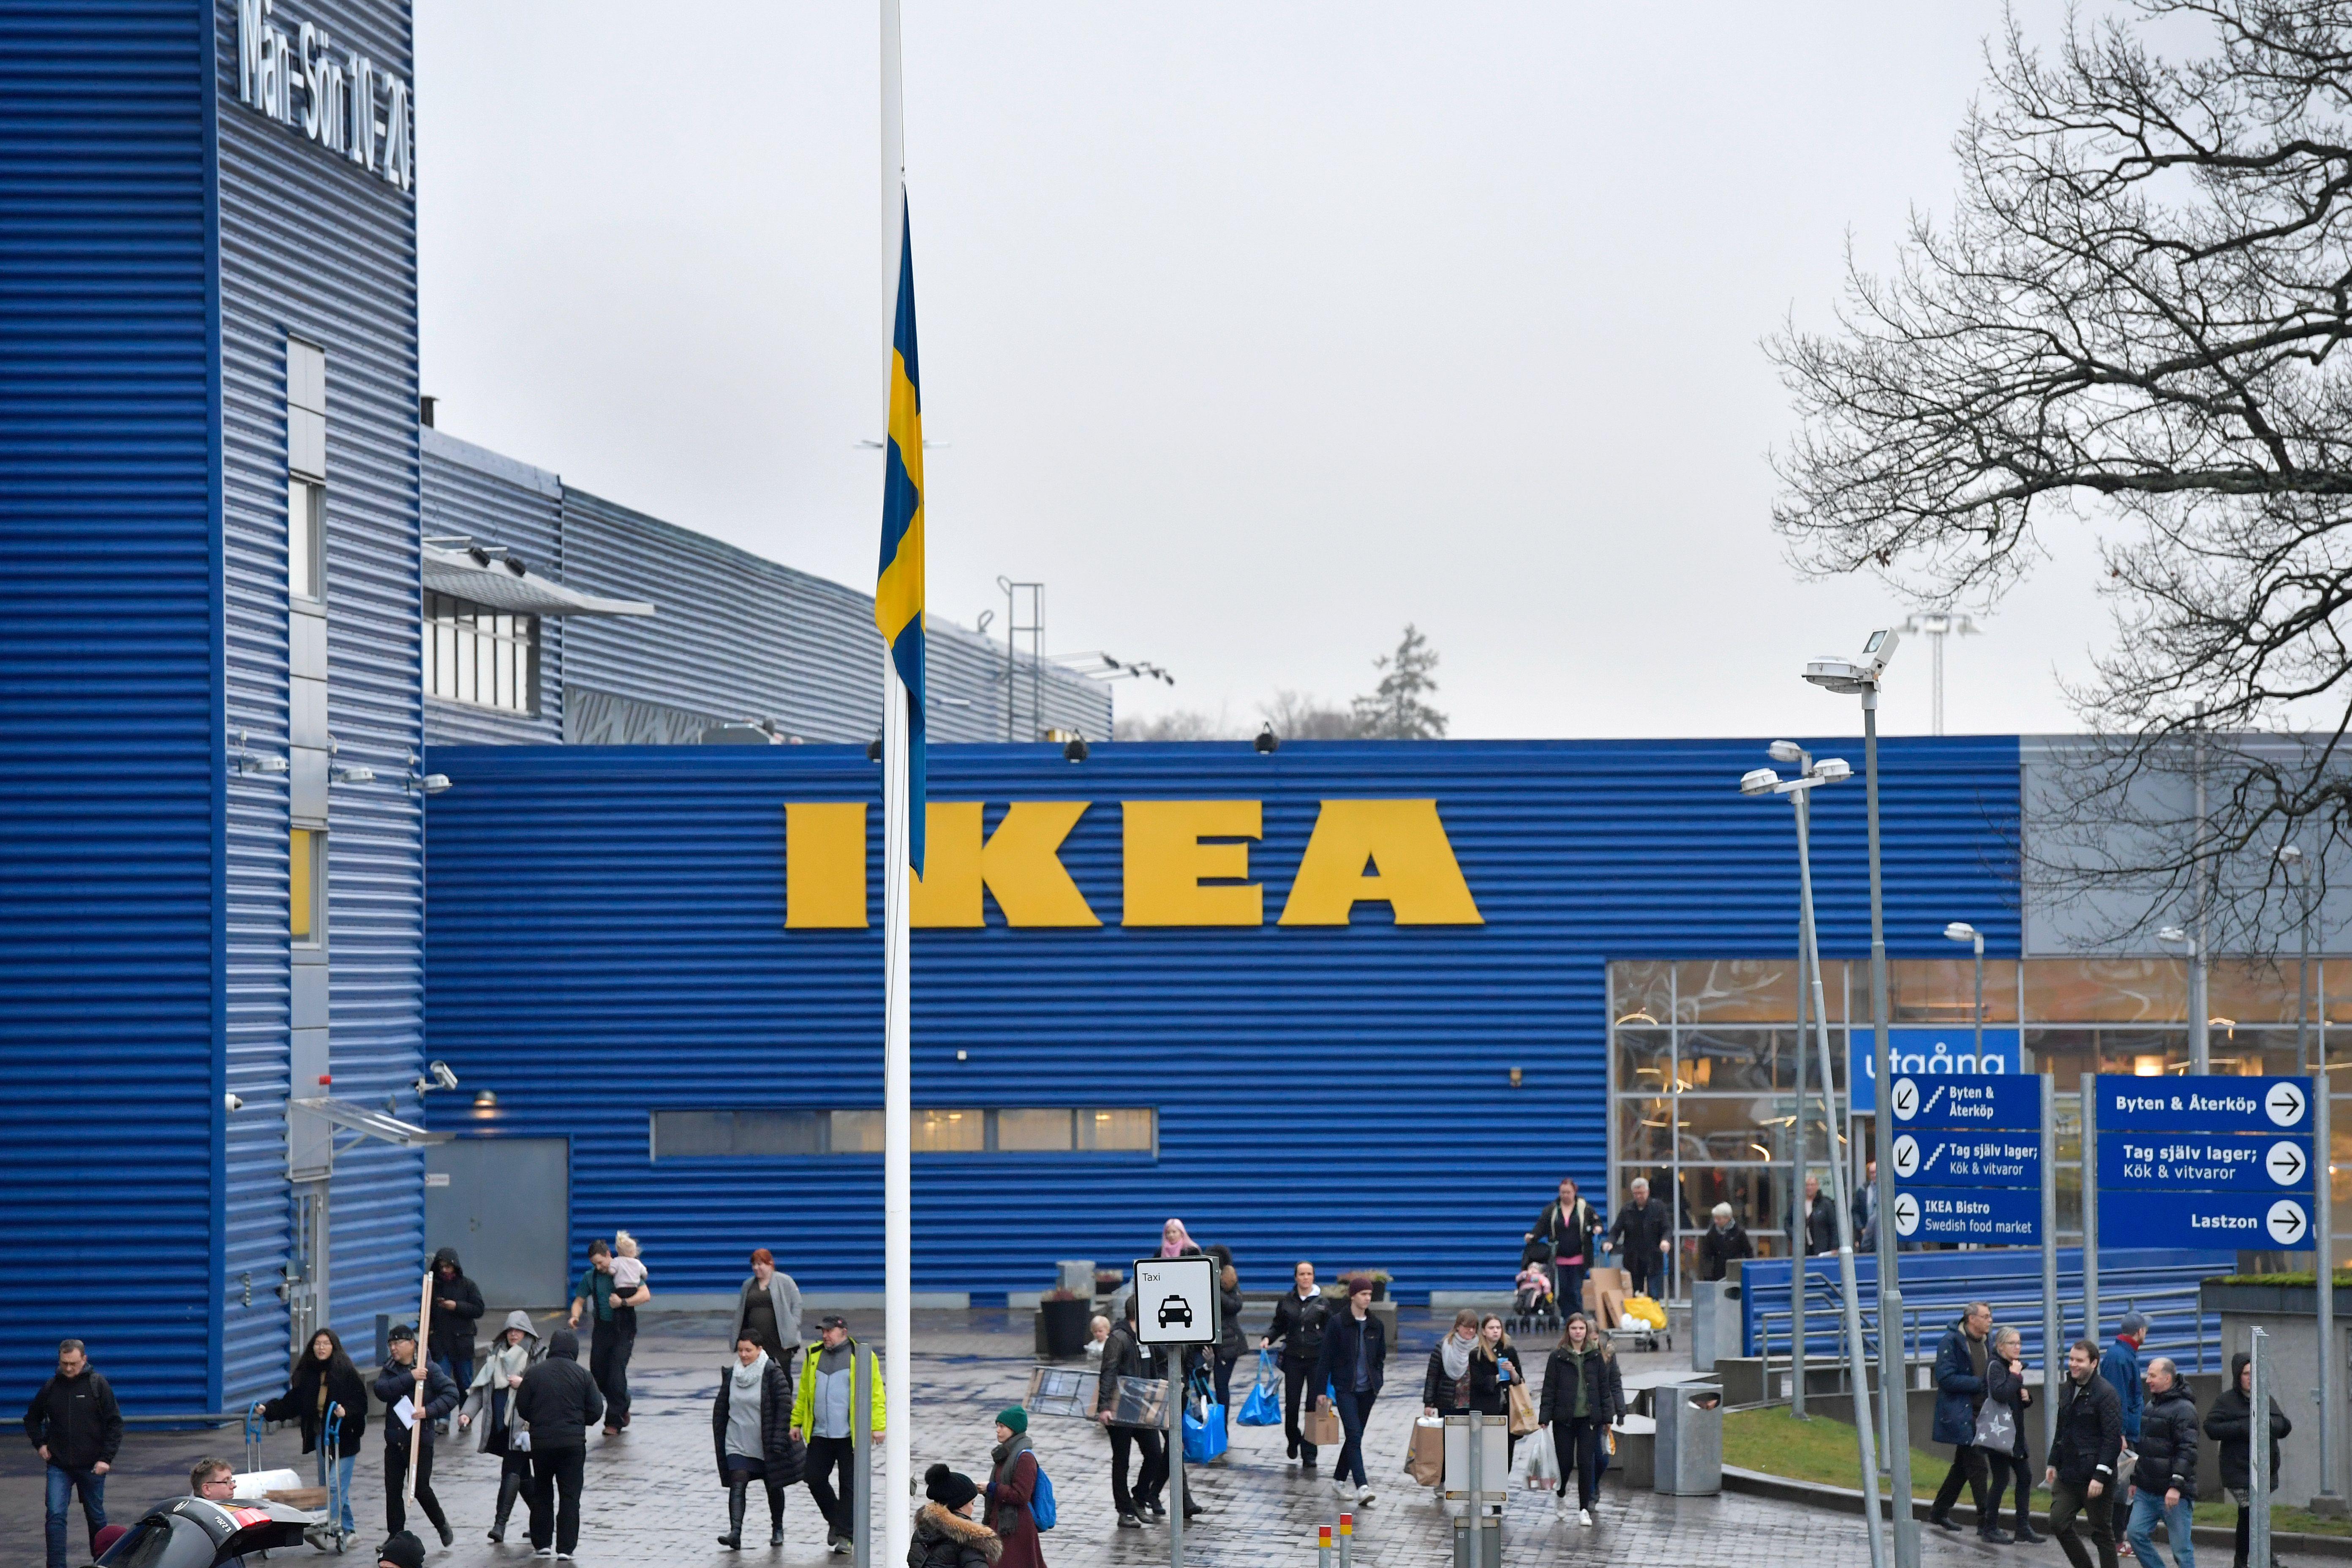 SWEDEN-KAMPRAD-IKEA-PEOPLE